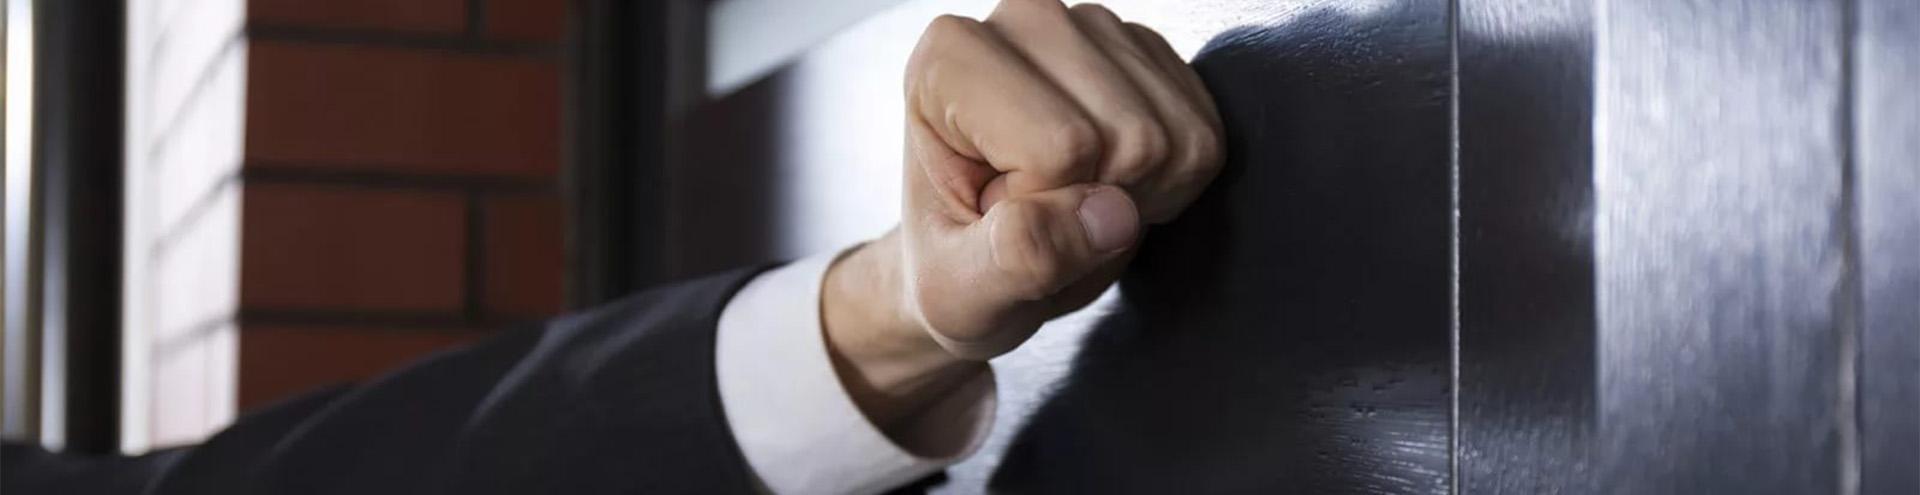 защита заемщика от коллекторов в Оренбурге и Оренбургской области